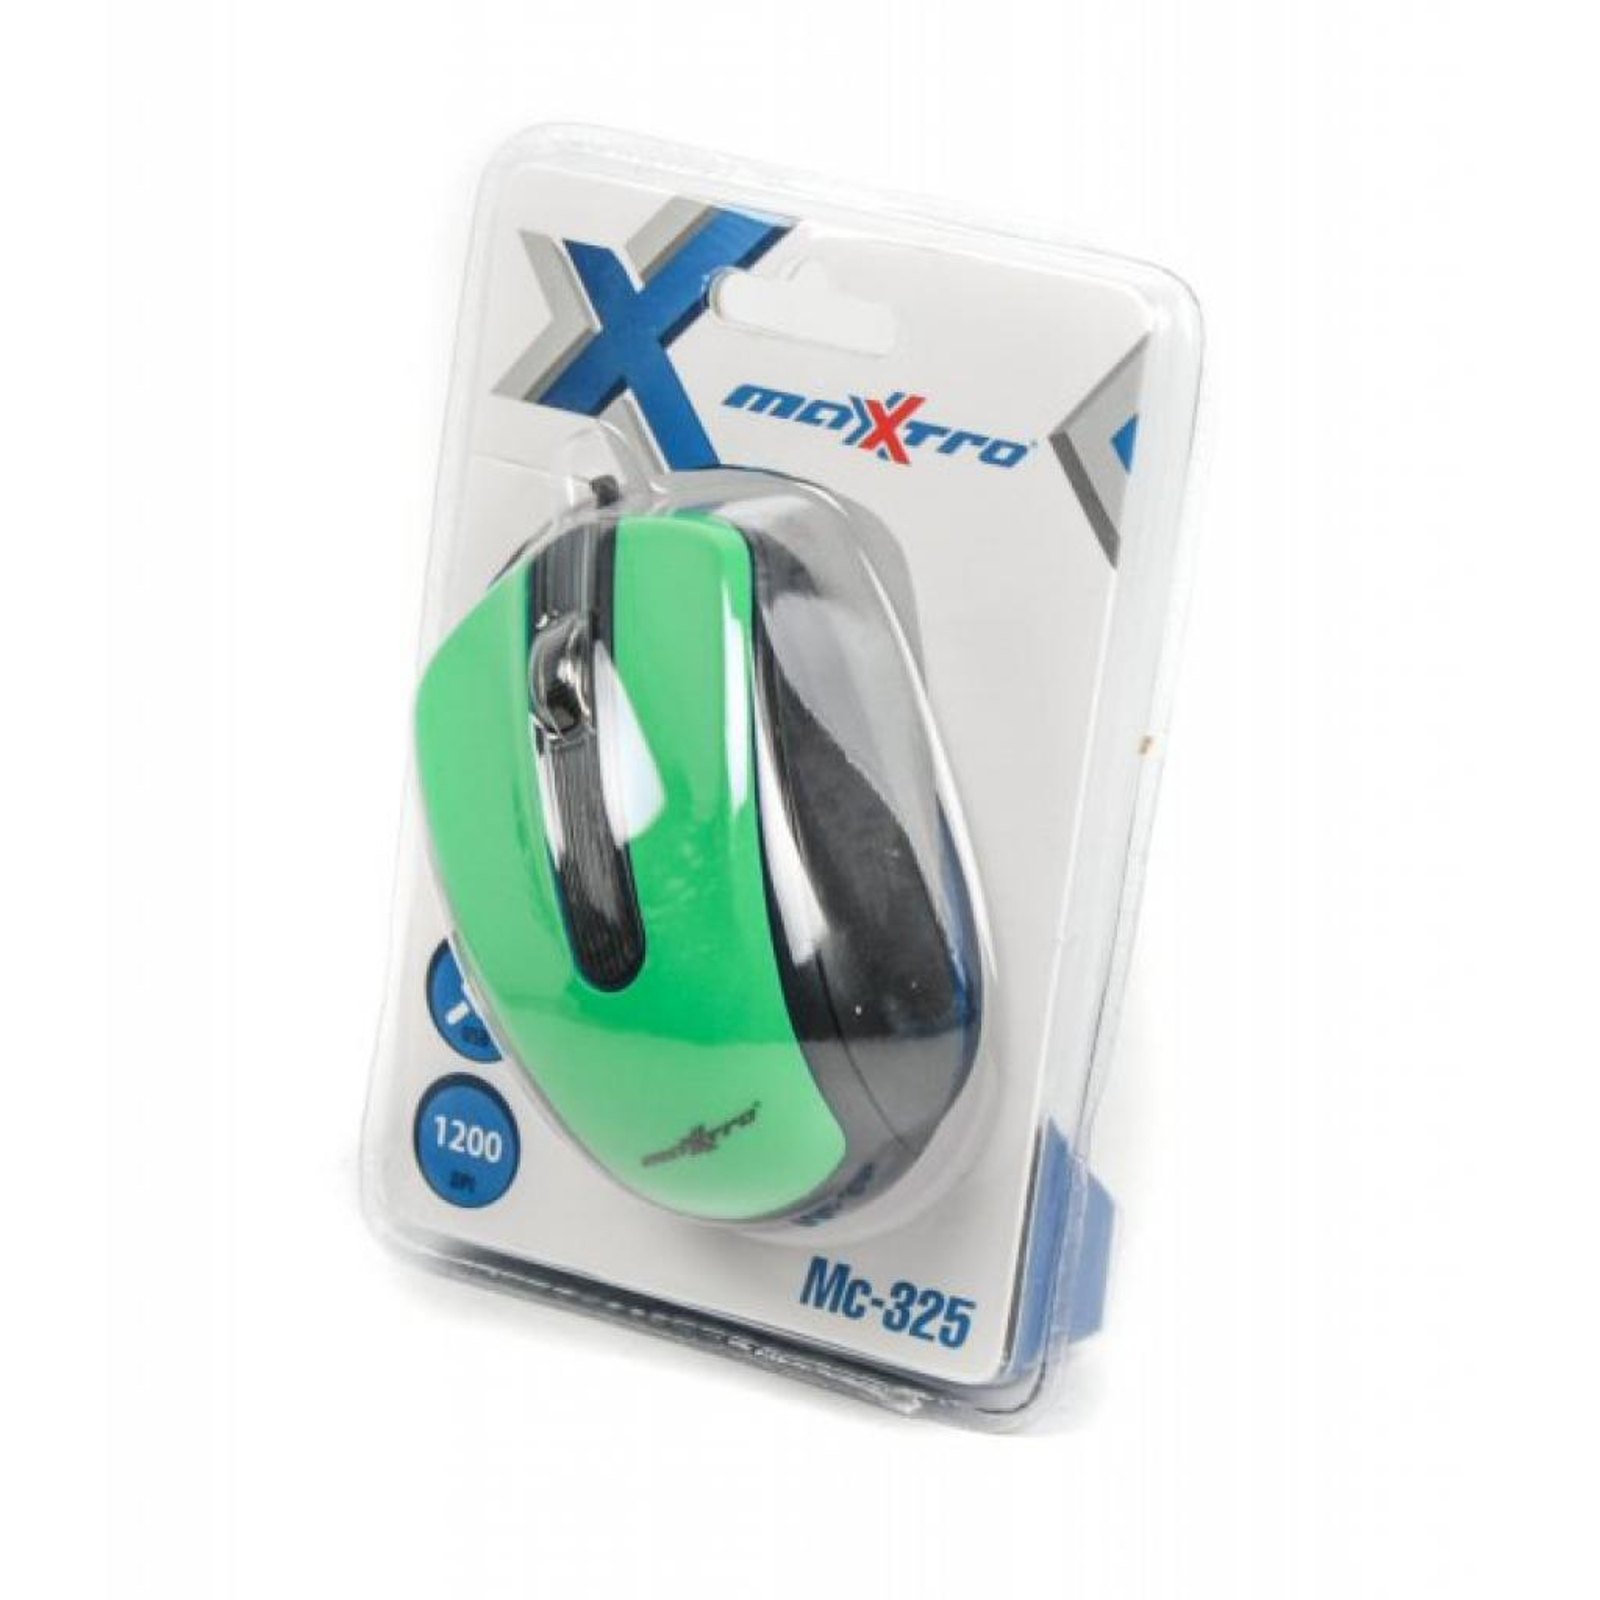 Мышка Maxxter Mc-325-G изображение 4